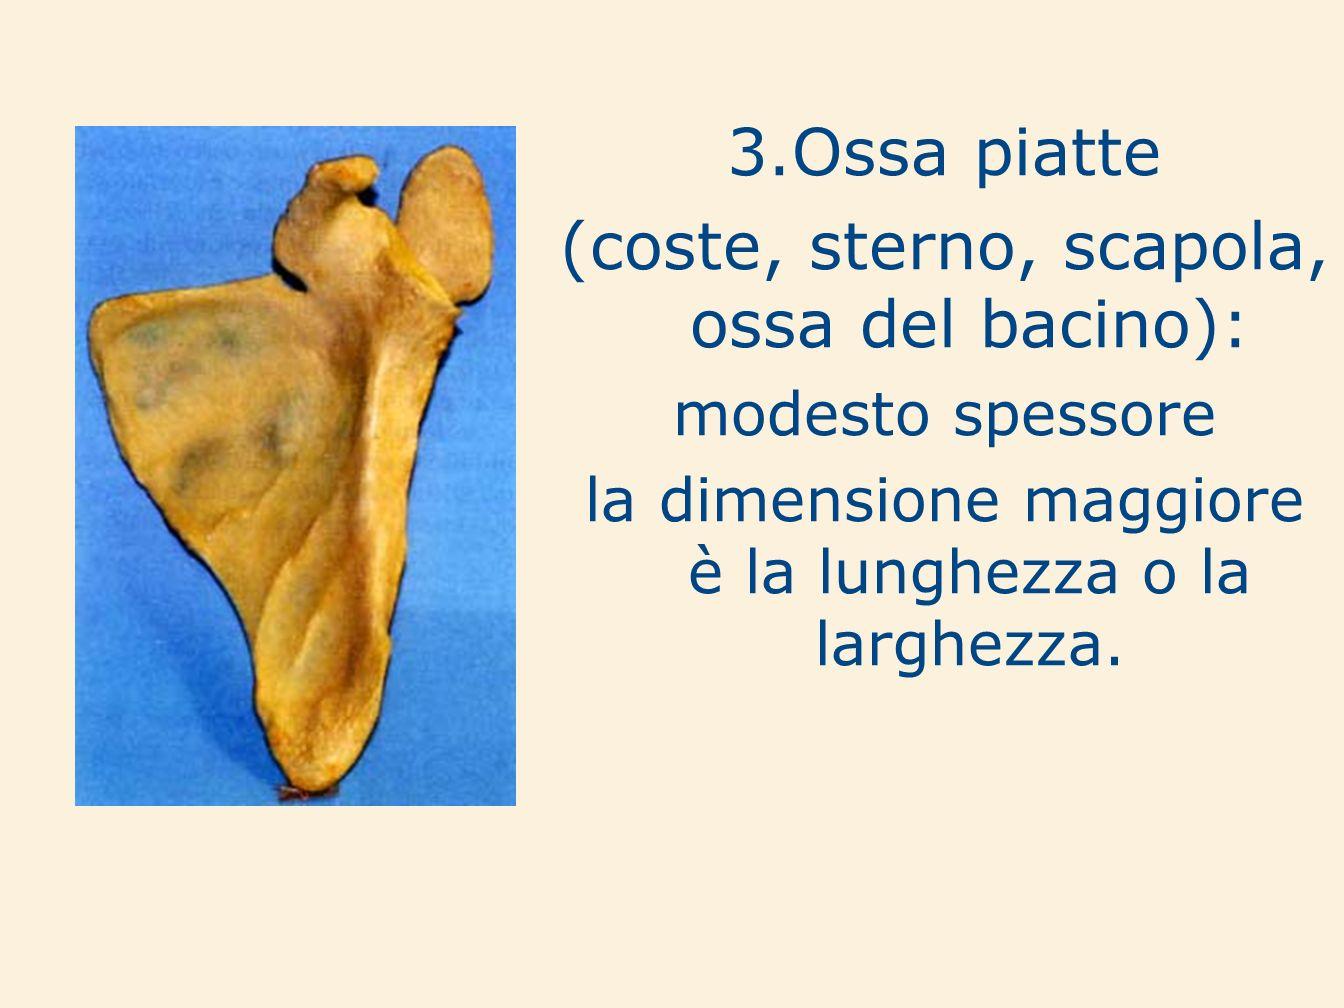 (coste, sterno, scapola, ossa del bacino):